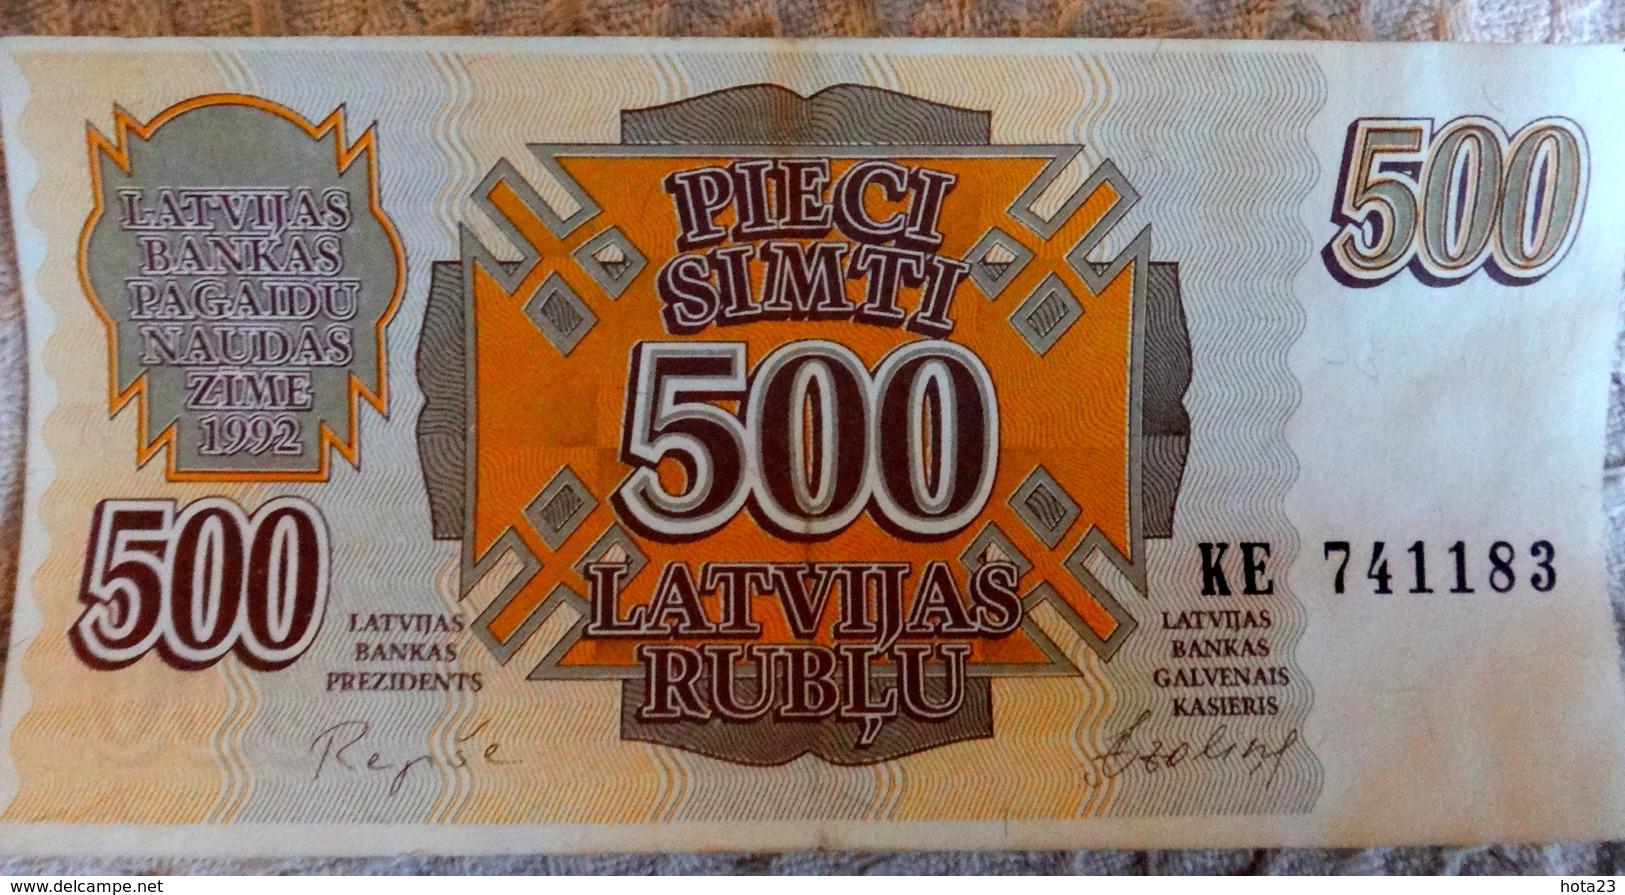 LATVIA , LETTLAND  500 ROUBLE / RUBLE 1992 EX- RUSSIA CIRC BANKNOTE - KE - 83 - Latvia